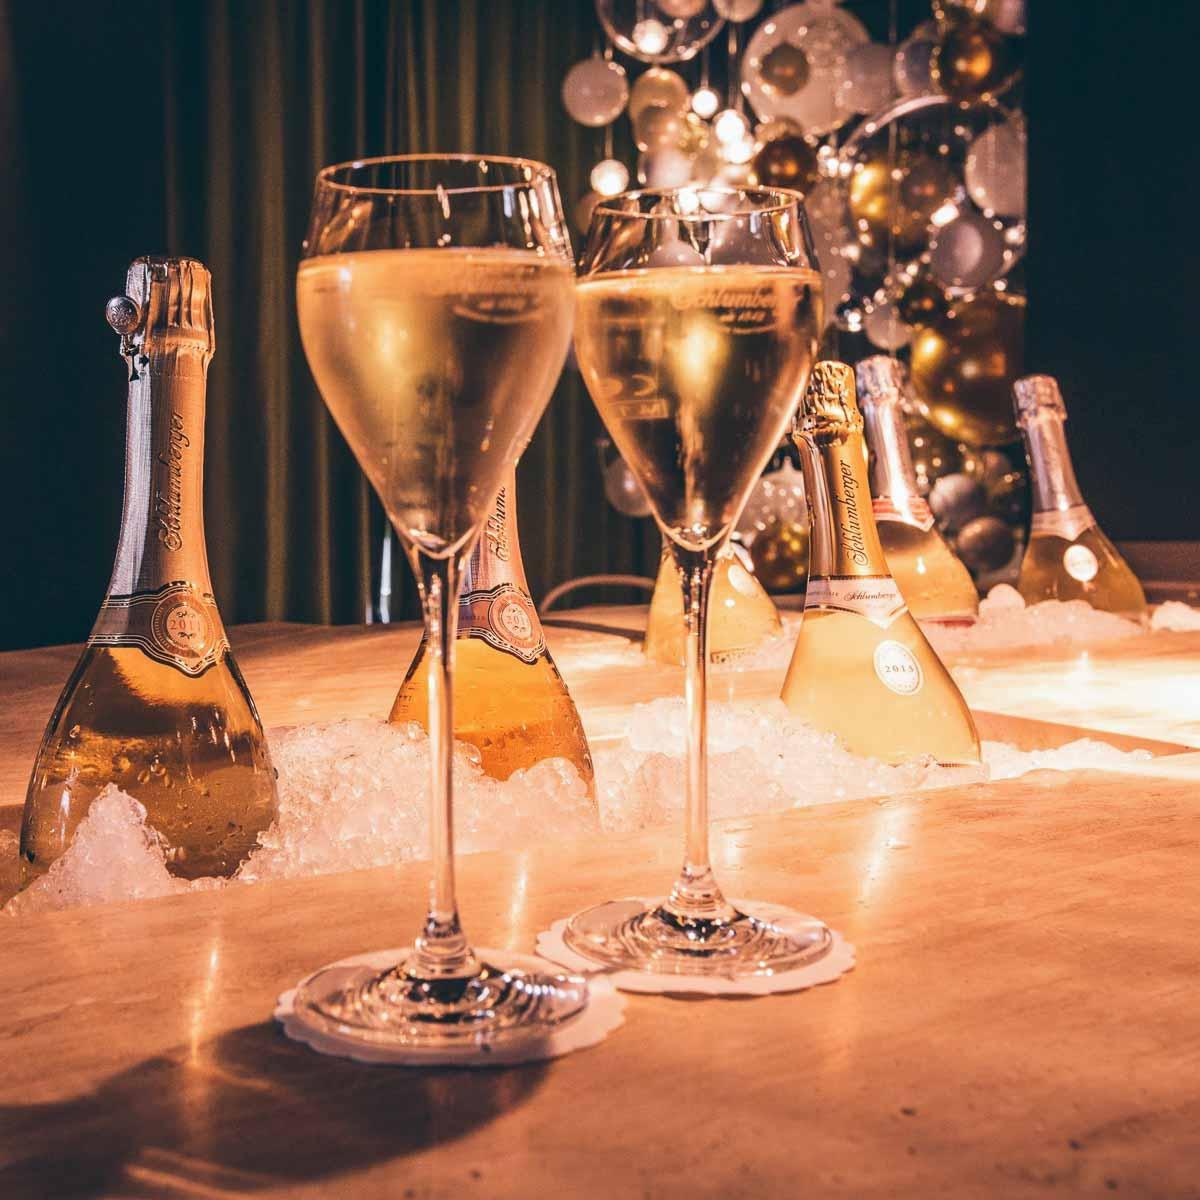 Perlwerk Pop-Up Bar Muenchen Schaumwein